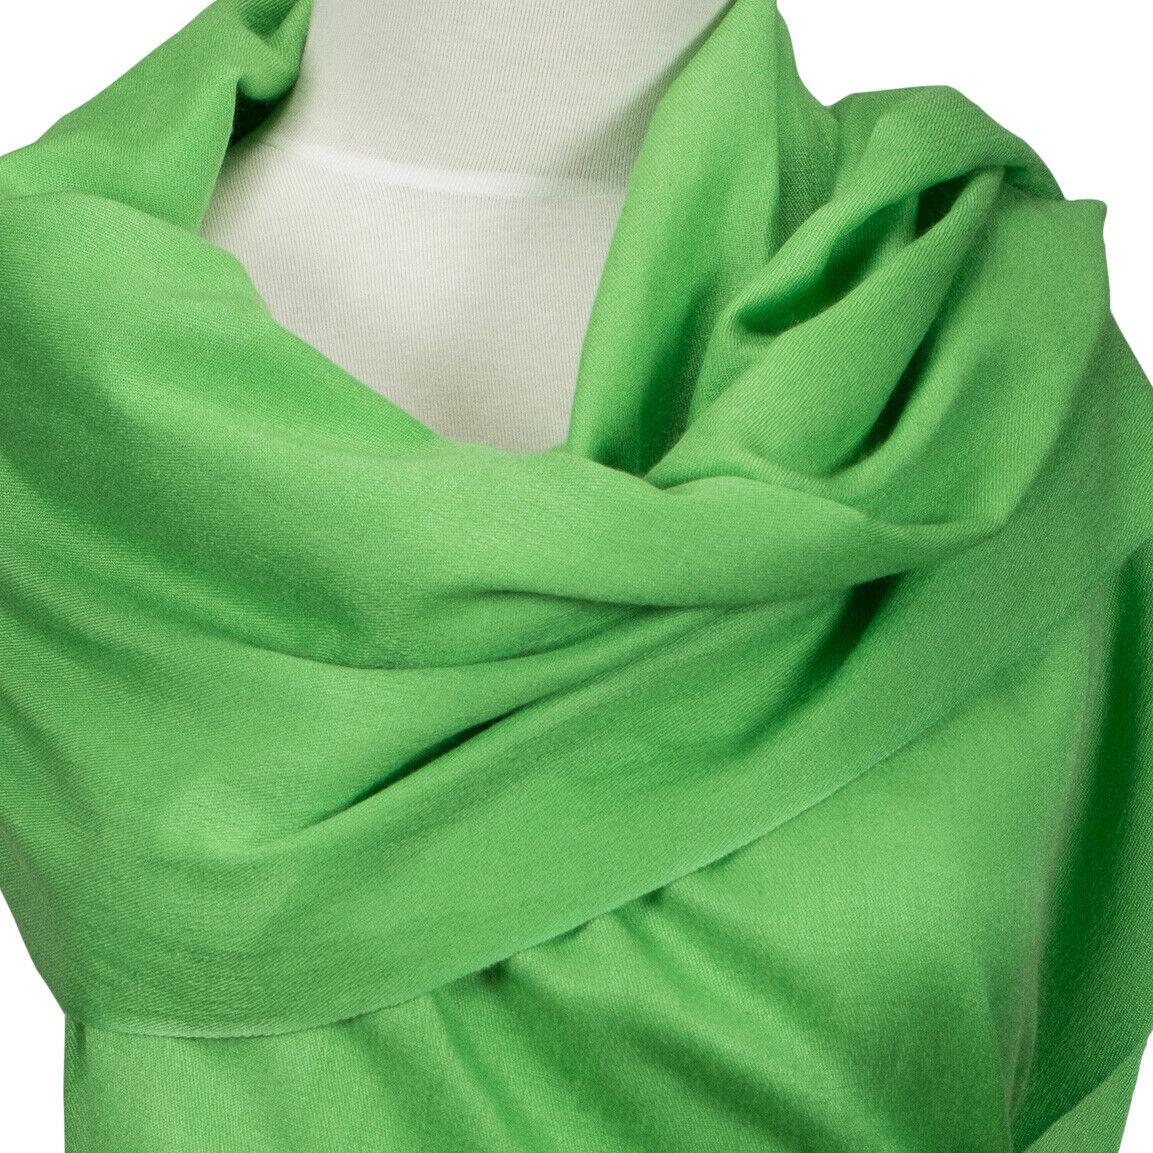 Schal Schal Schal Stola Swarovski Elemente 70% Cashmere 30% Seide silk scarf Herzen hearts | Verschiedene Stile  | Neue Sorten werden eingeführt  f328cd